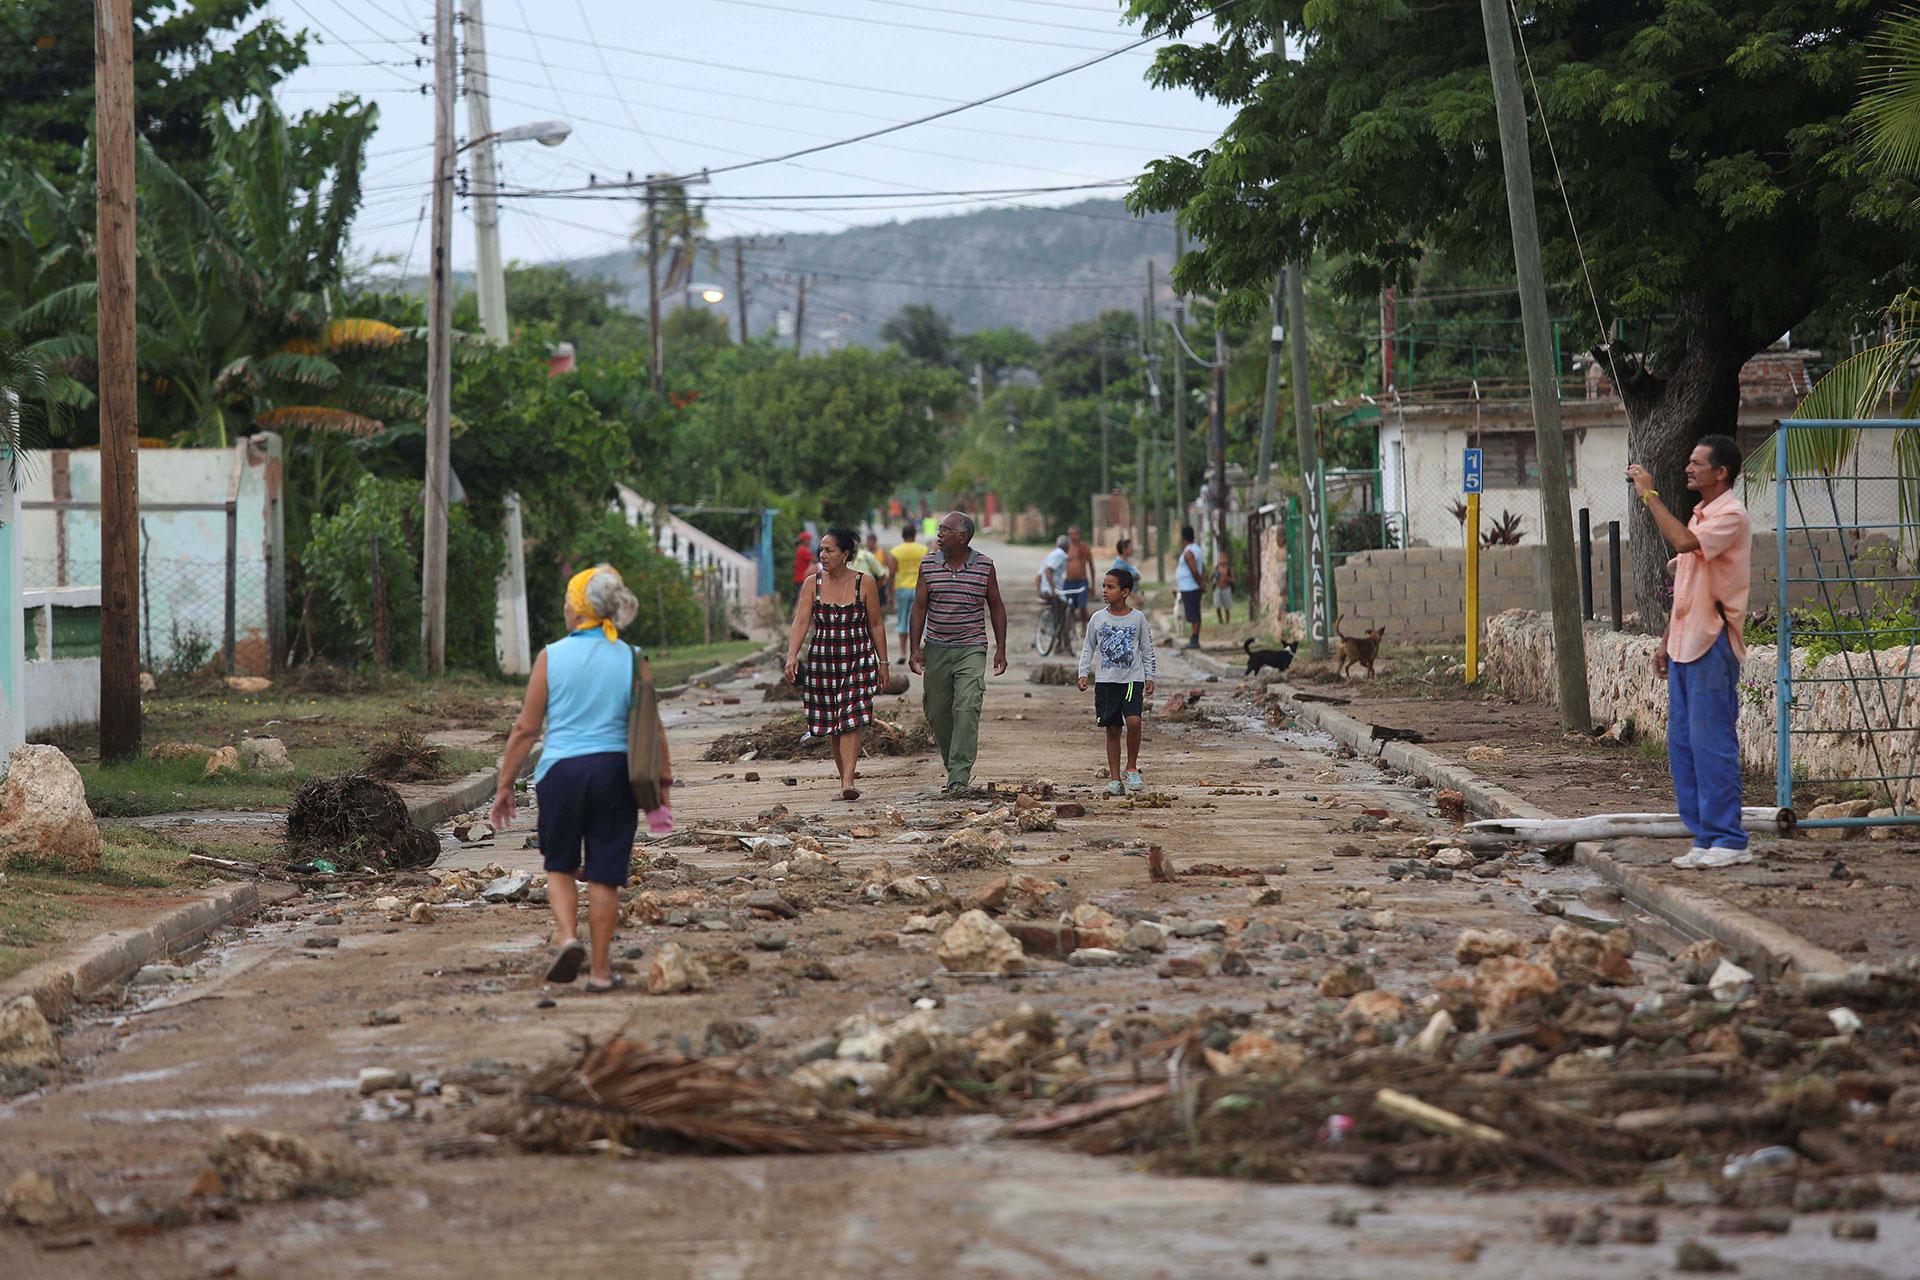 El huracán Matthew se abrió paso hacia el sur de Bahamas con sus potentes vientos en la madrugada del miércoles tras dejar atrás un rastro de daños y sufrimiento humano en la península suroccidental de Haití (Reuters)